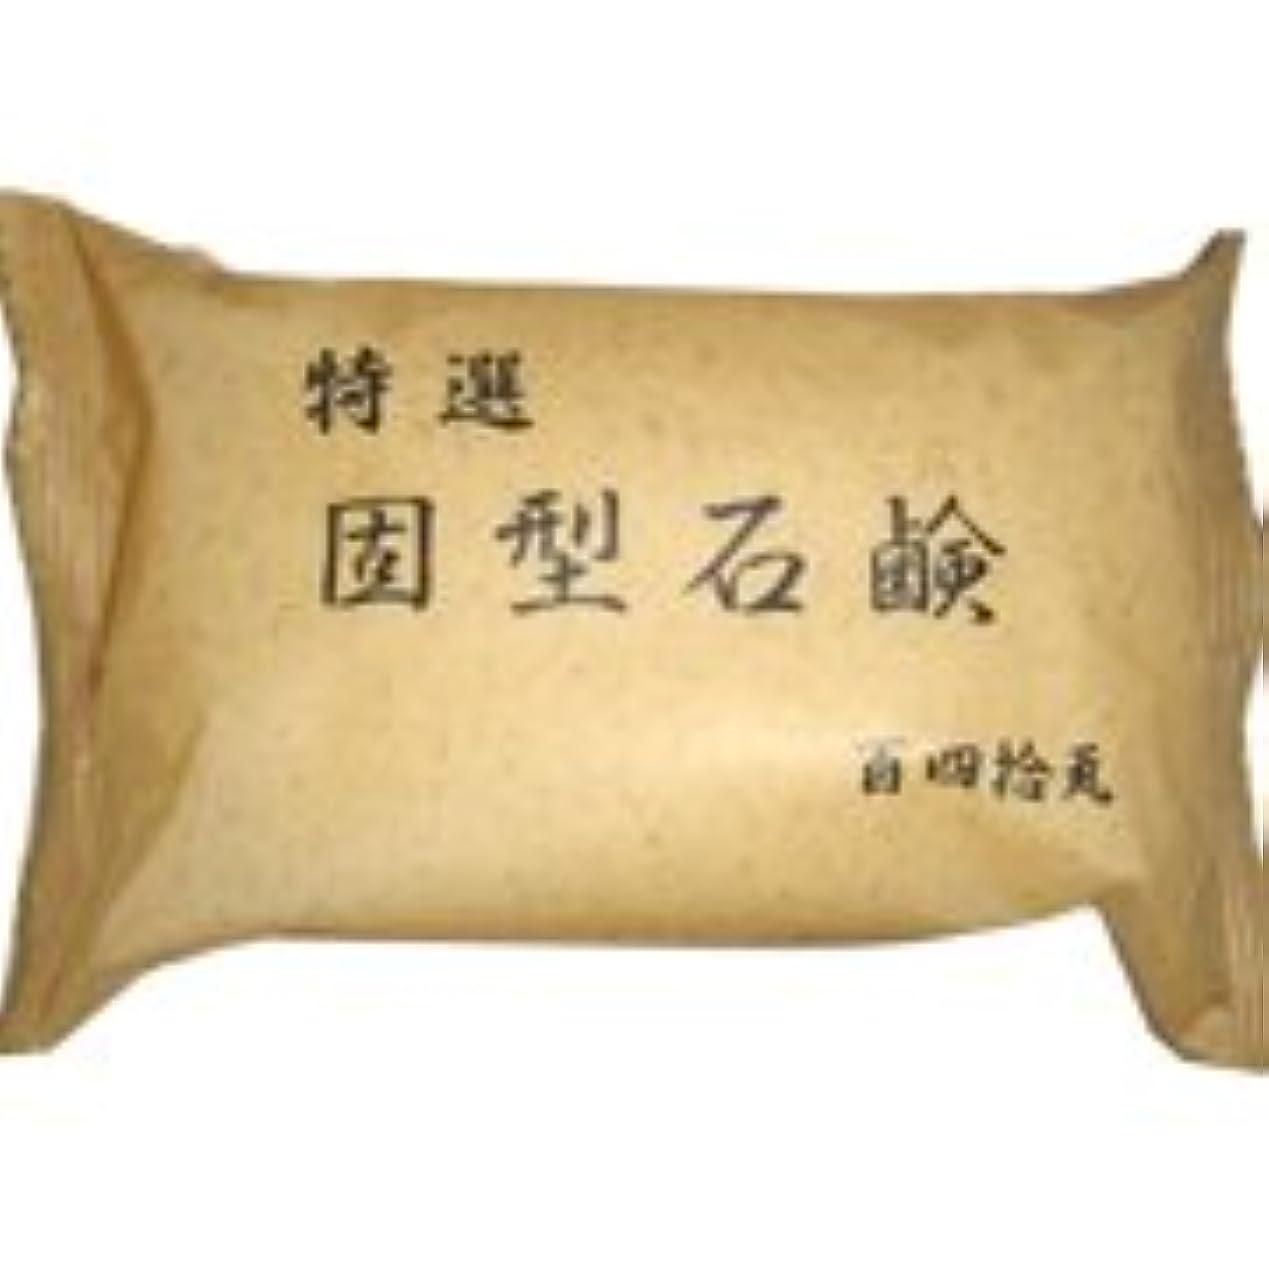 月曜日マイクロフォンお嬢特選 固型石鹸 140g    エスケー石鹸